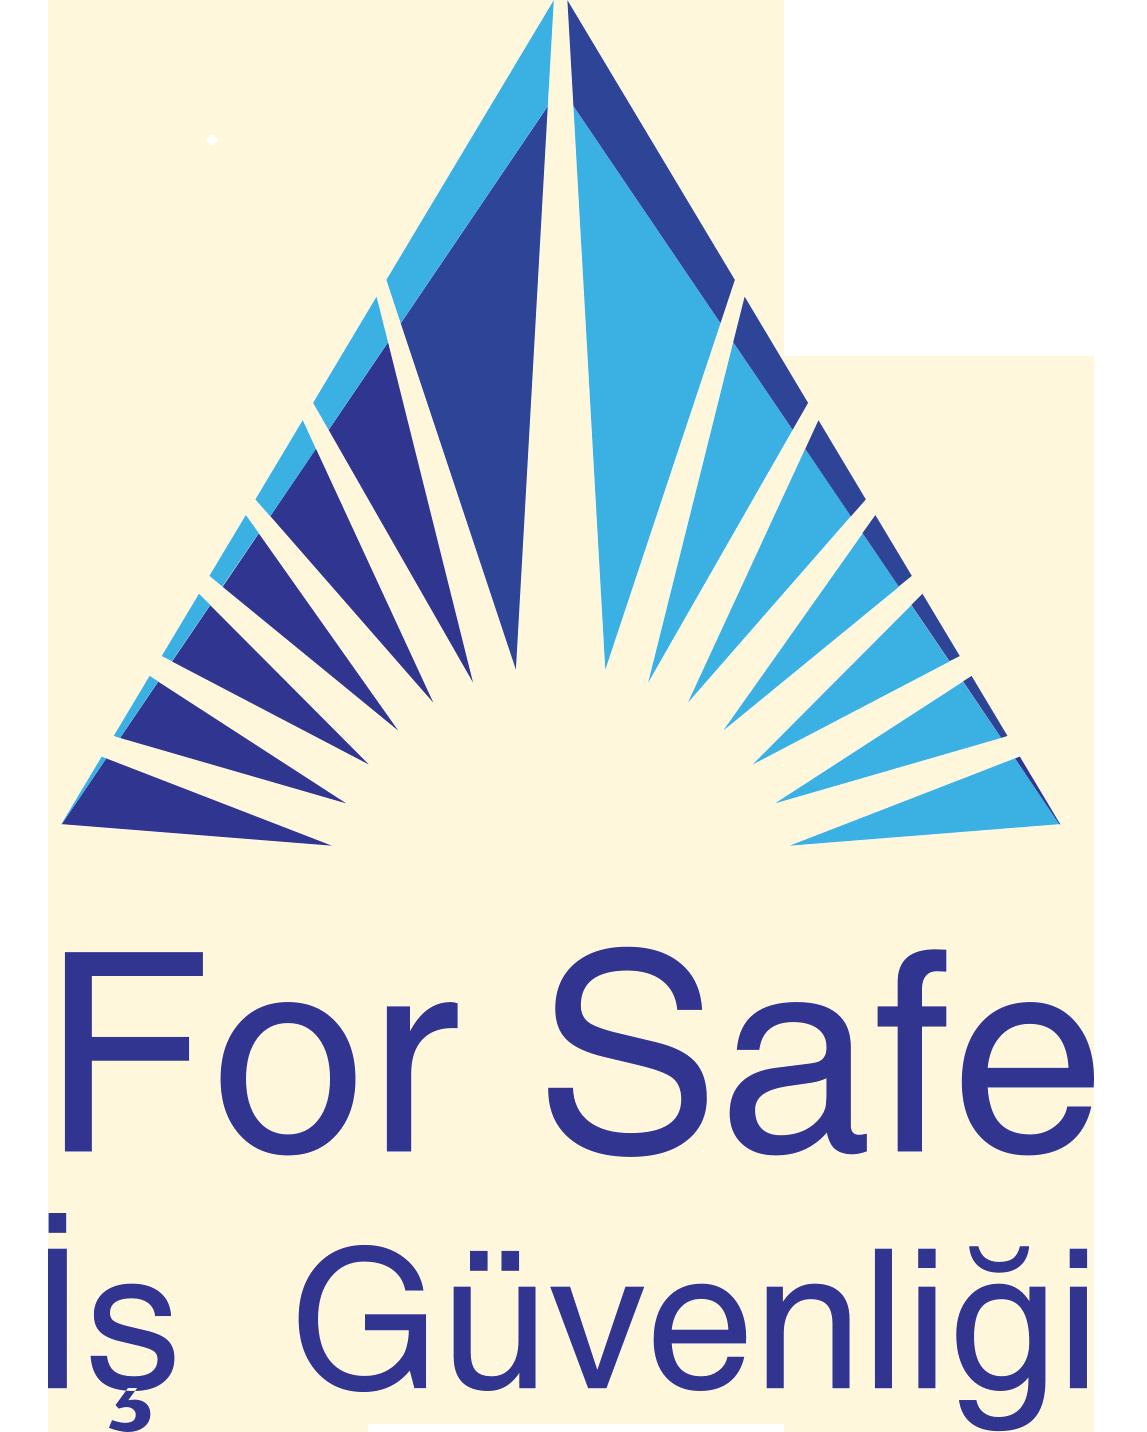 Forsafe - For Safe İş Güvenliği